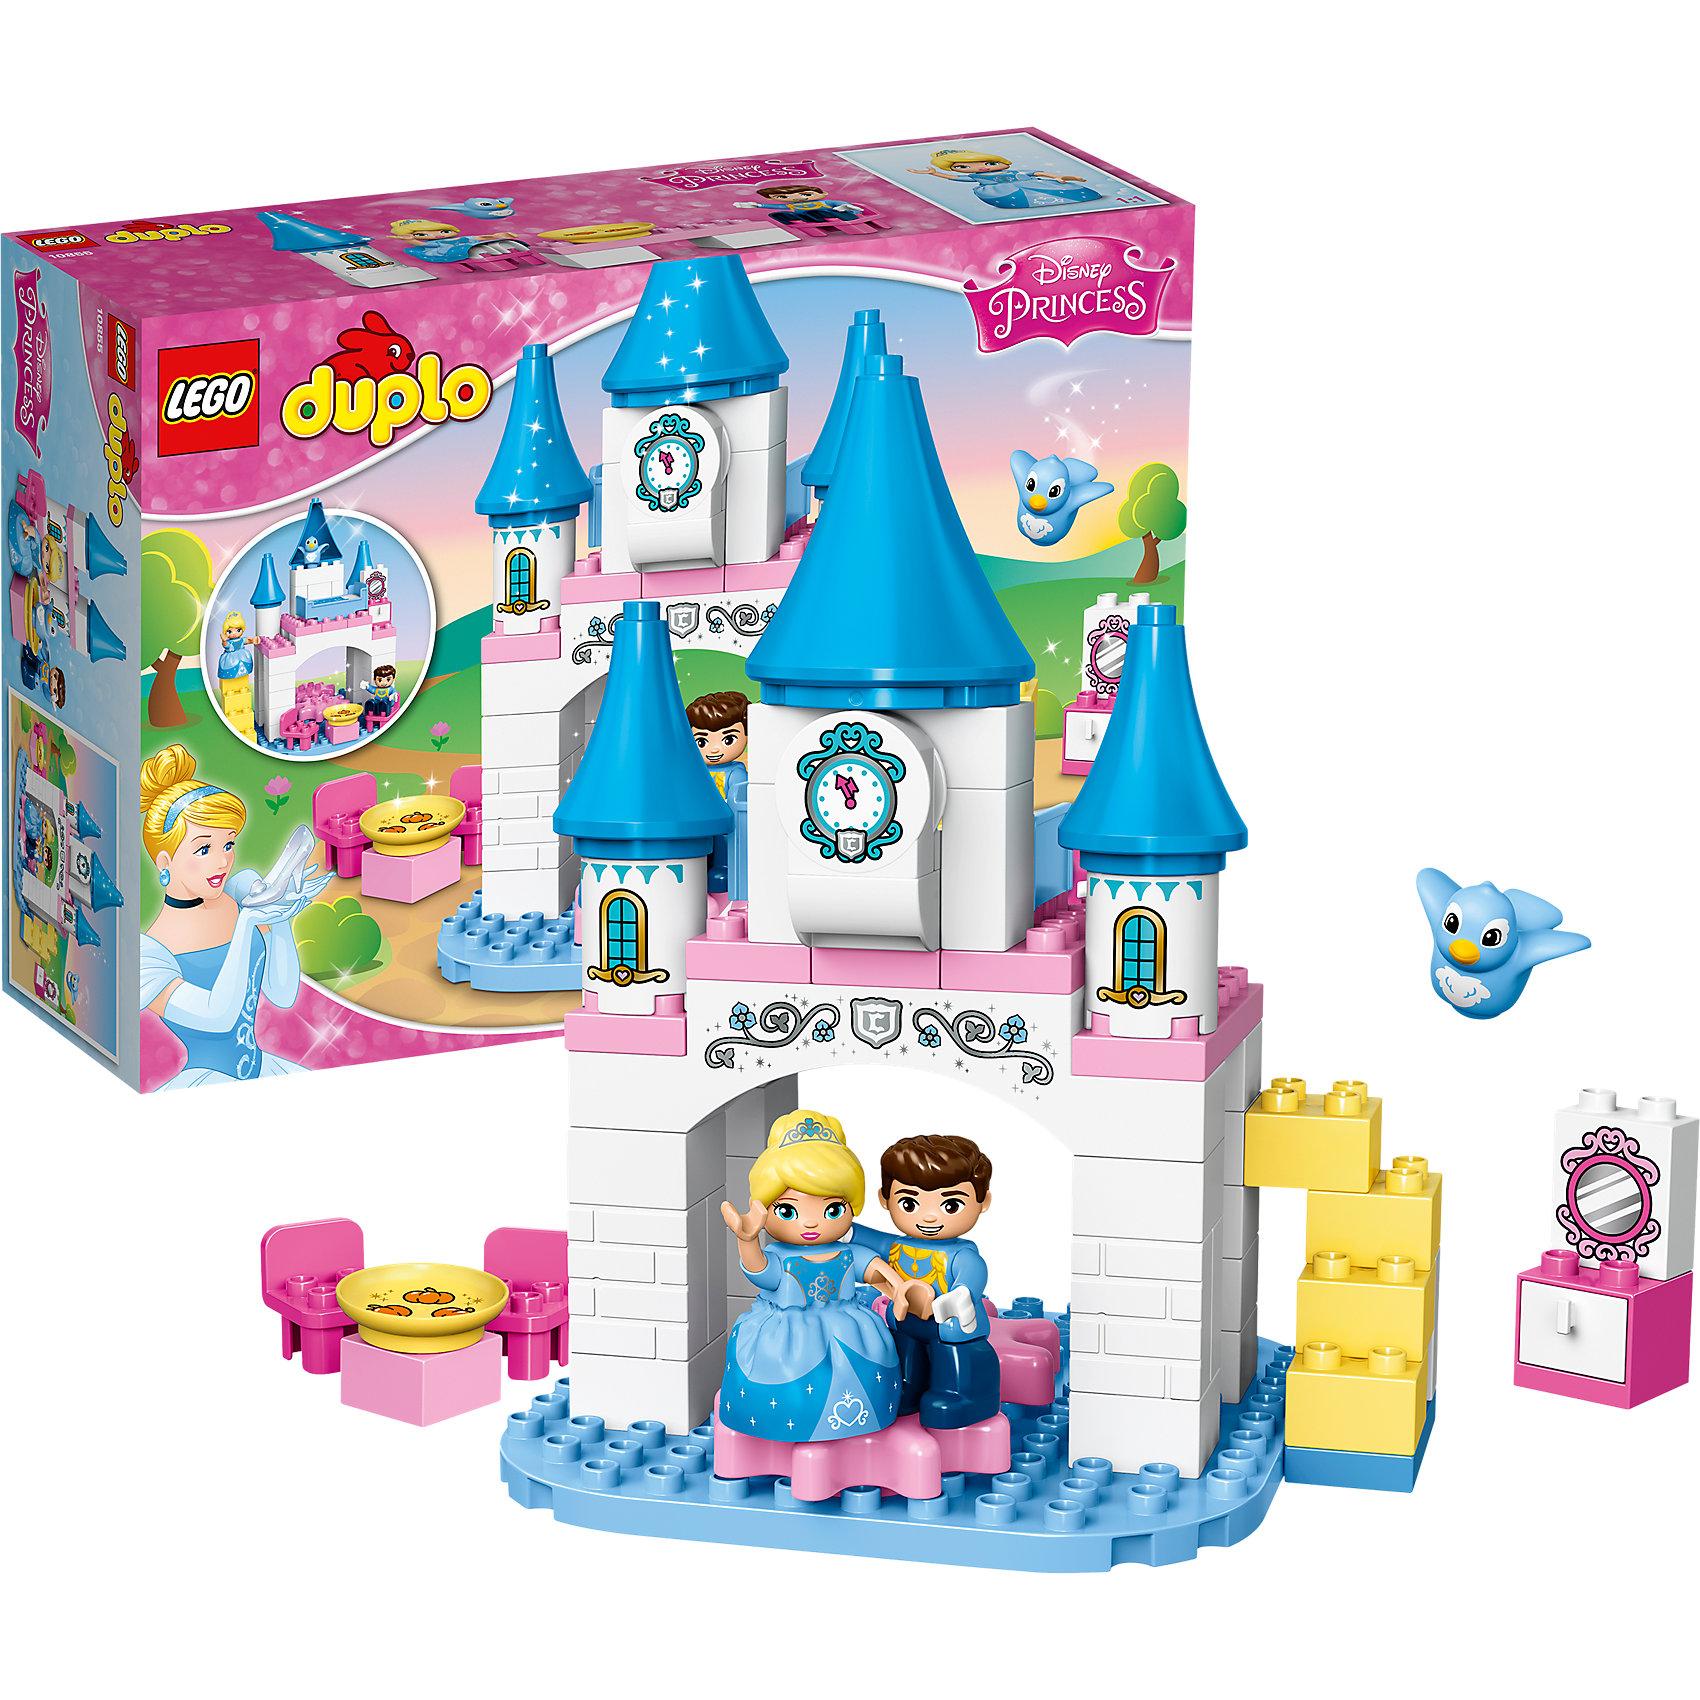 LEGO DUPLO 10855: Волшебный замок ЗолушкиПластмассовые конструкторы<br>LEGO DUPLO 10855: Волшебный замок Золушки<br><br>Характеристики:<br><br>- в набор входит: детали замка, фигурки Золушки, Принца и птички, аксессуары, красочная инструкция<br>- состав: пластик<br>- количество деталей: 56 <br>- размер упаковки: 38 * 12 * 26 см.<br>- размер замка без ступеней: 27 * 19 * 19 см.<br>- для детей в возрасте: от 2 до 5 лет<br>- Страна производитель: Дания/Китай/Чехия<br><br>Легендарный конструктор LEGO (ЛЕГО) представляет серию «DUPLO» (Д?пло) для самых маленьких строителей ЛЕГО от 2-х лет. Кубики этой серии в два раза больше обычных, так же как и фигурки. Серия позволяет ребёнку самостоятельно собирать наборы легкие в постройке и сосредоточенные на ситуациях из повседневной жизни, профессиях и любимых героях из мультфильмов. Замок прекрасной Золушки и Принца состоит из башенок, небольшого туалетного столика с открывающимся ящиком, двух стульев и стола для обеда и небольших ступенек. Детали замка рельефные и выглядят как кирпичики. Две розовые шестеренки предназначены для моделирования танца, когда ребенок будет крутить одну шестеренку, вторая тоже придет в движение. Фигурки Золушки и Принцы выполнены очень качественно, их костюмы отлично прорисованы, руки двигаются, фигурок можно сажать, а пышная юбка Золушки гибкая и сминается когда она сидит. Часы главной башни и щебечущая птичка напомнят героям о времени. Все детали набора легко собираются и в них можно играть почти сразу. Играя с конструктором ребенок развивает моторику рук, воображение и логическое мышление. Придумывайте новые игры с набором LEGO «DUPLO»!<br><br>Конструктор LEGO DUPLO 10855: Волшебный замок Золушки можно купить в нашем интернет-магазине.<br><br>Ширина мм: 383<br>Глубина мм: 266<br>Высота мм: 124<br>Вес г: 904<br>Возраст от месяцев: 24<br>Возраст до месяцев: 60<br>Пол: Женский<br>Возраст: Детский<br>SKU: 5002407